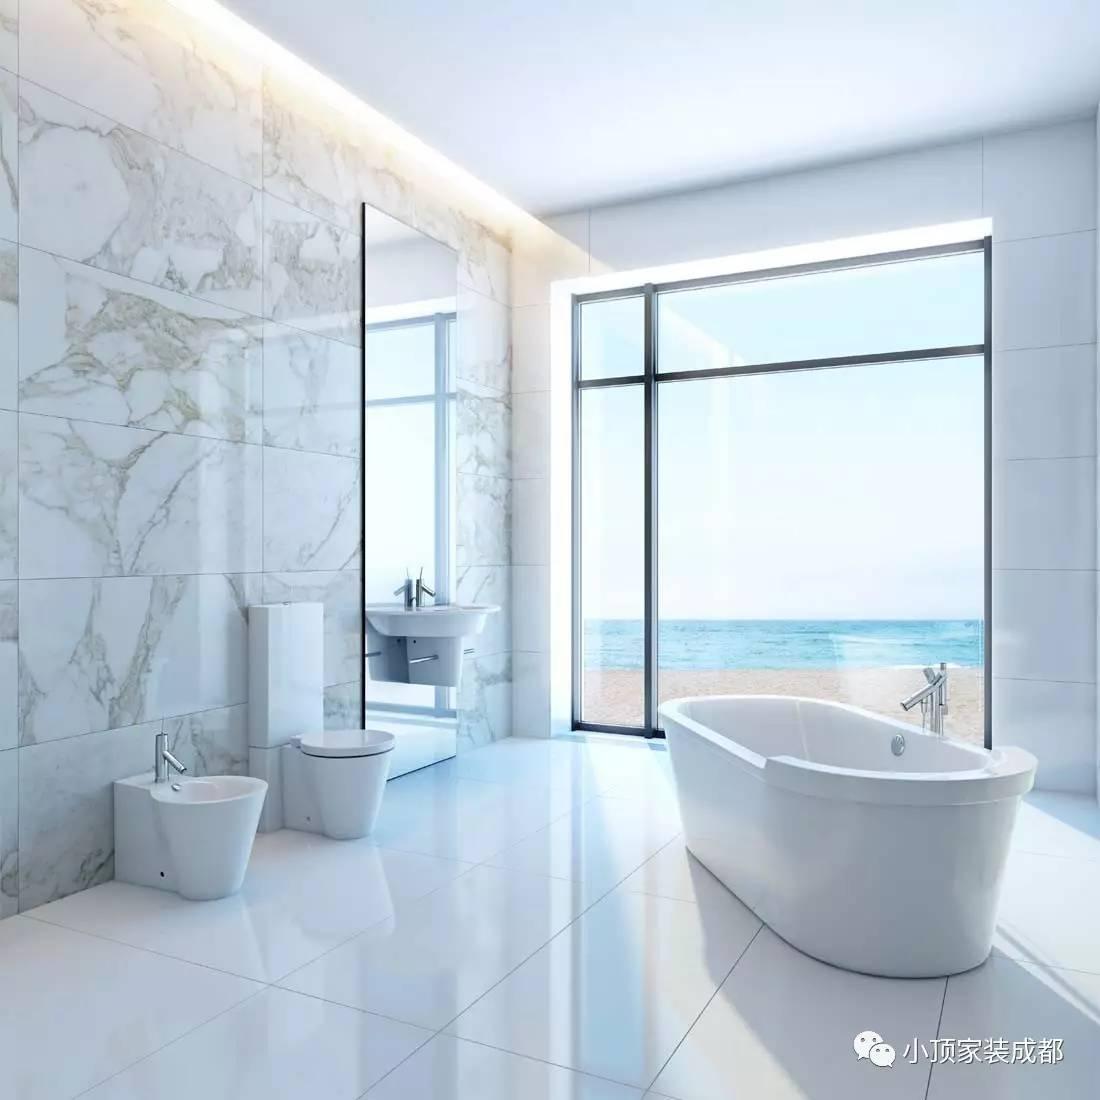 浴室装修,你重视过瓷砖问题吗?